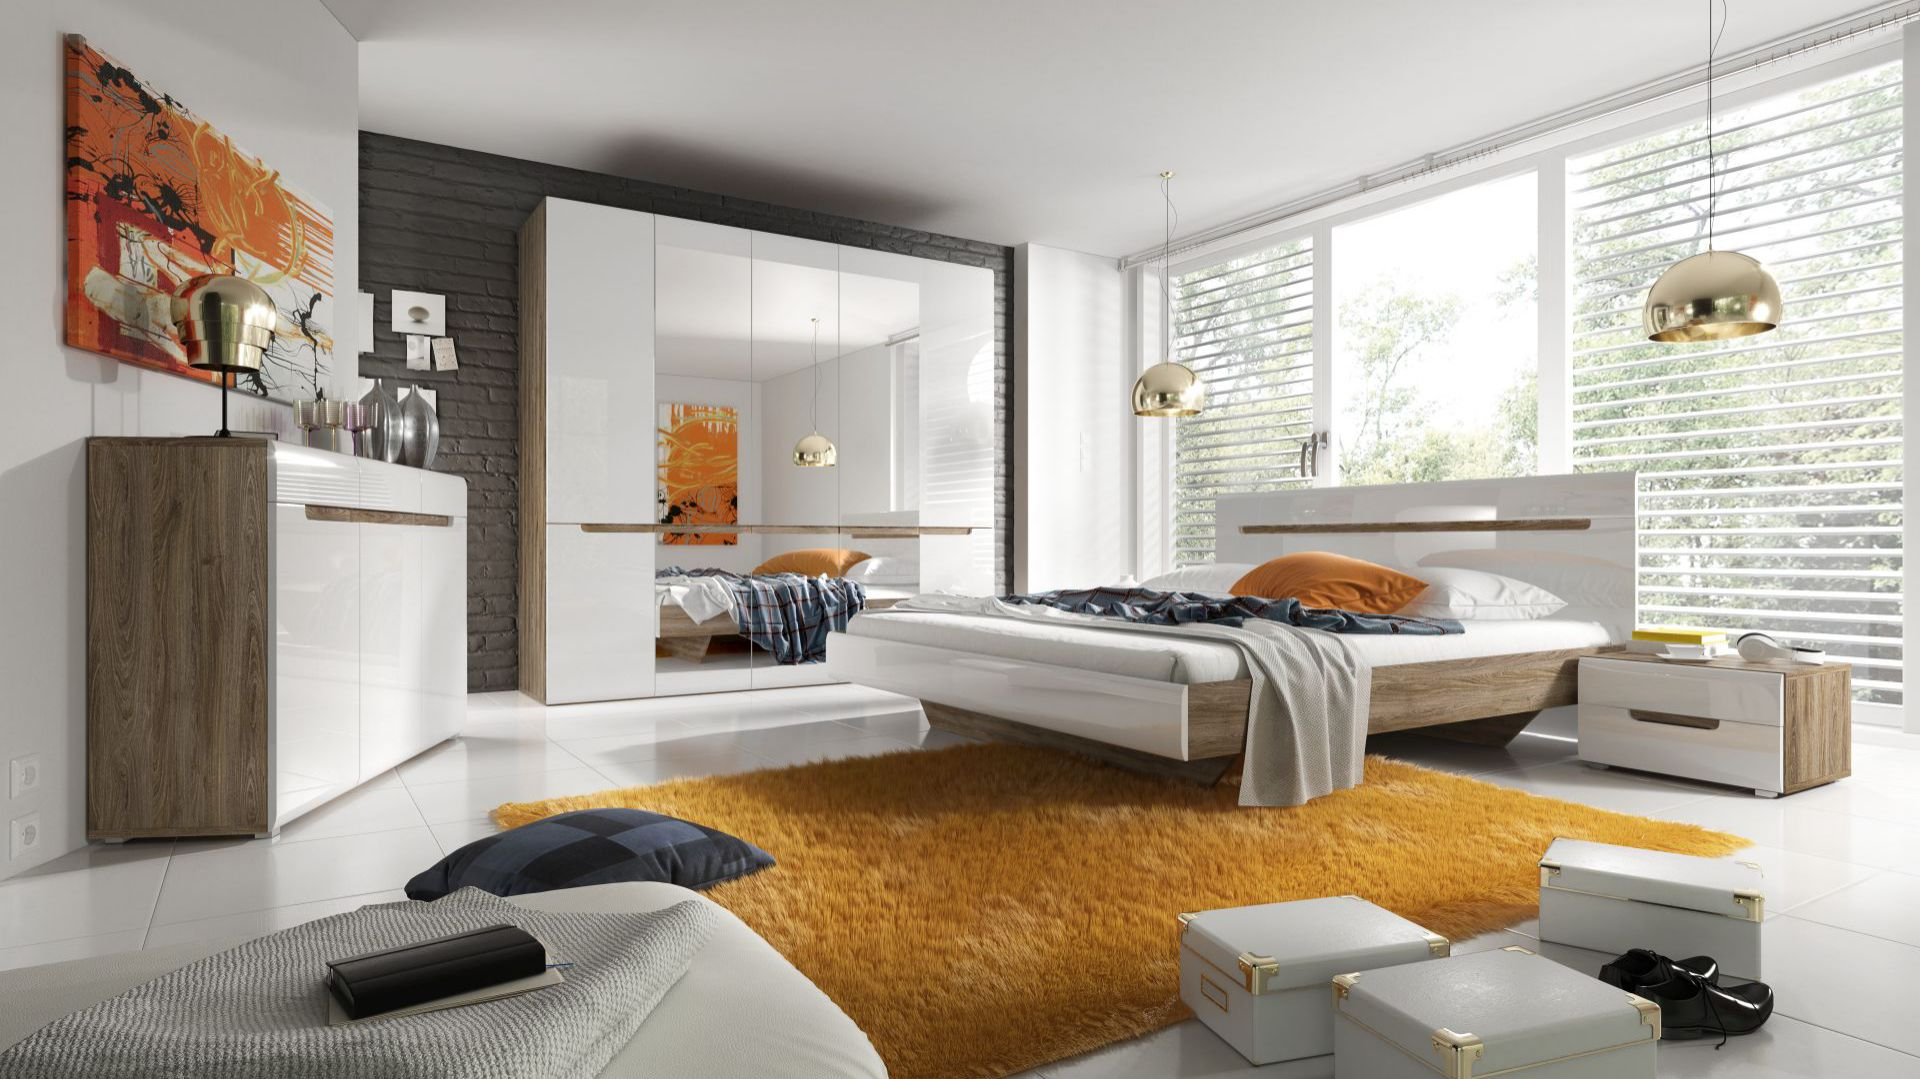 Sypialnia Hektor utrzymana jest w ciepłym połączeniu ciemnego dębu i beżu w połysku. Fot. Helvetia Wieruszów